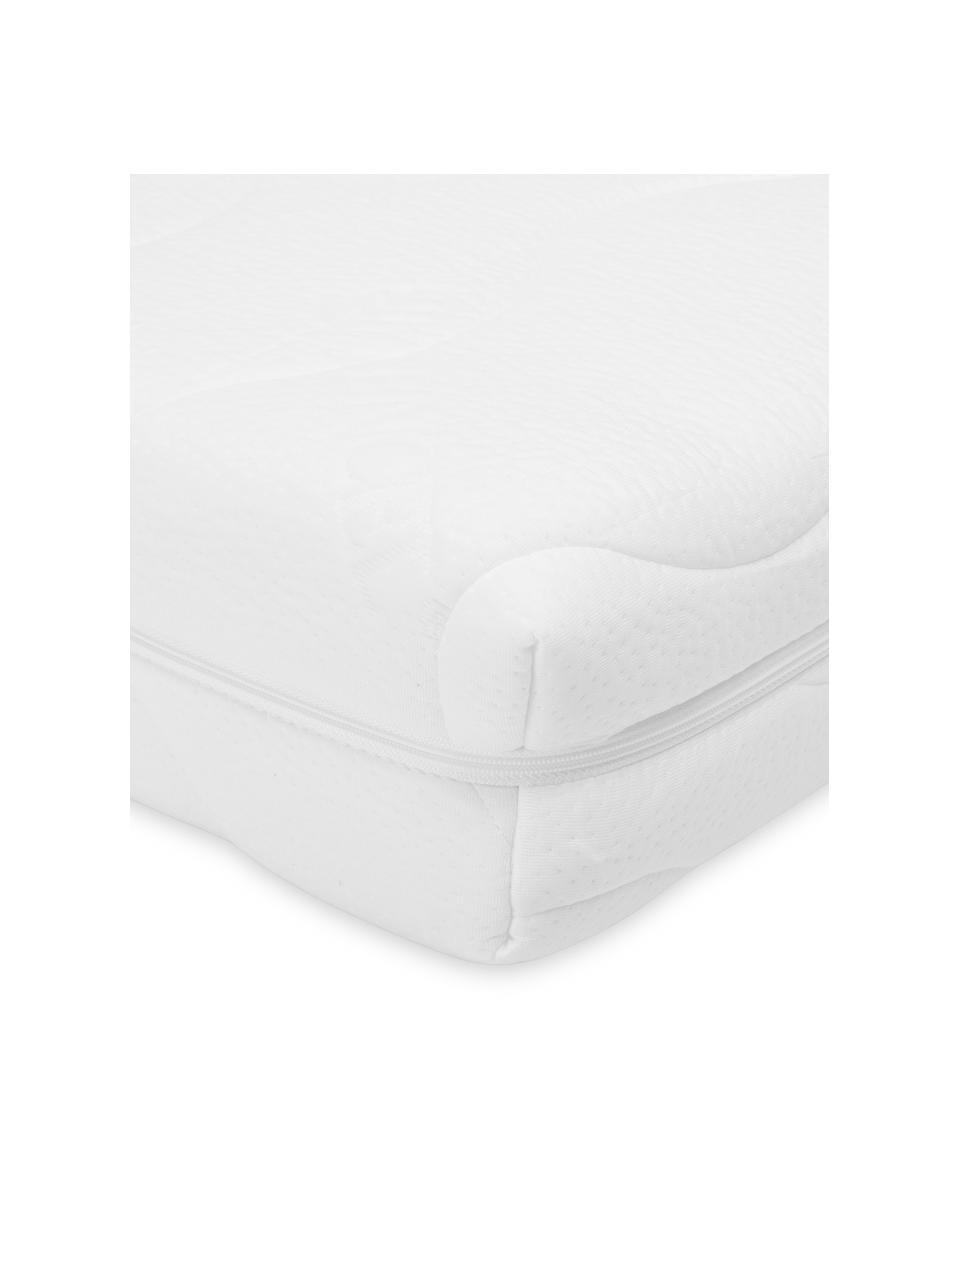 Materasso in schiuma fredda Vital, Rivestimento: doppio jersey TENCEL® (56, Rivestimento: circa 350 g/m² di fibra t, Bianco, 140 x 200 cm